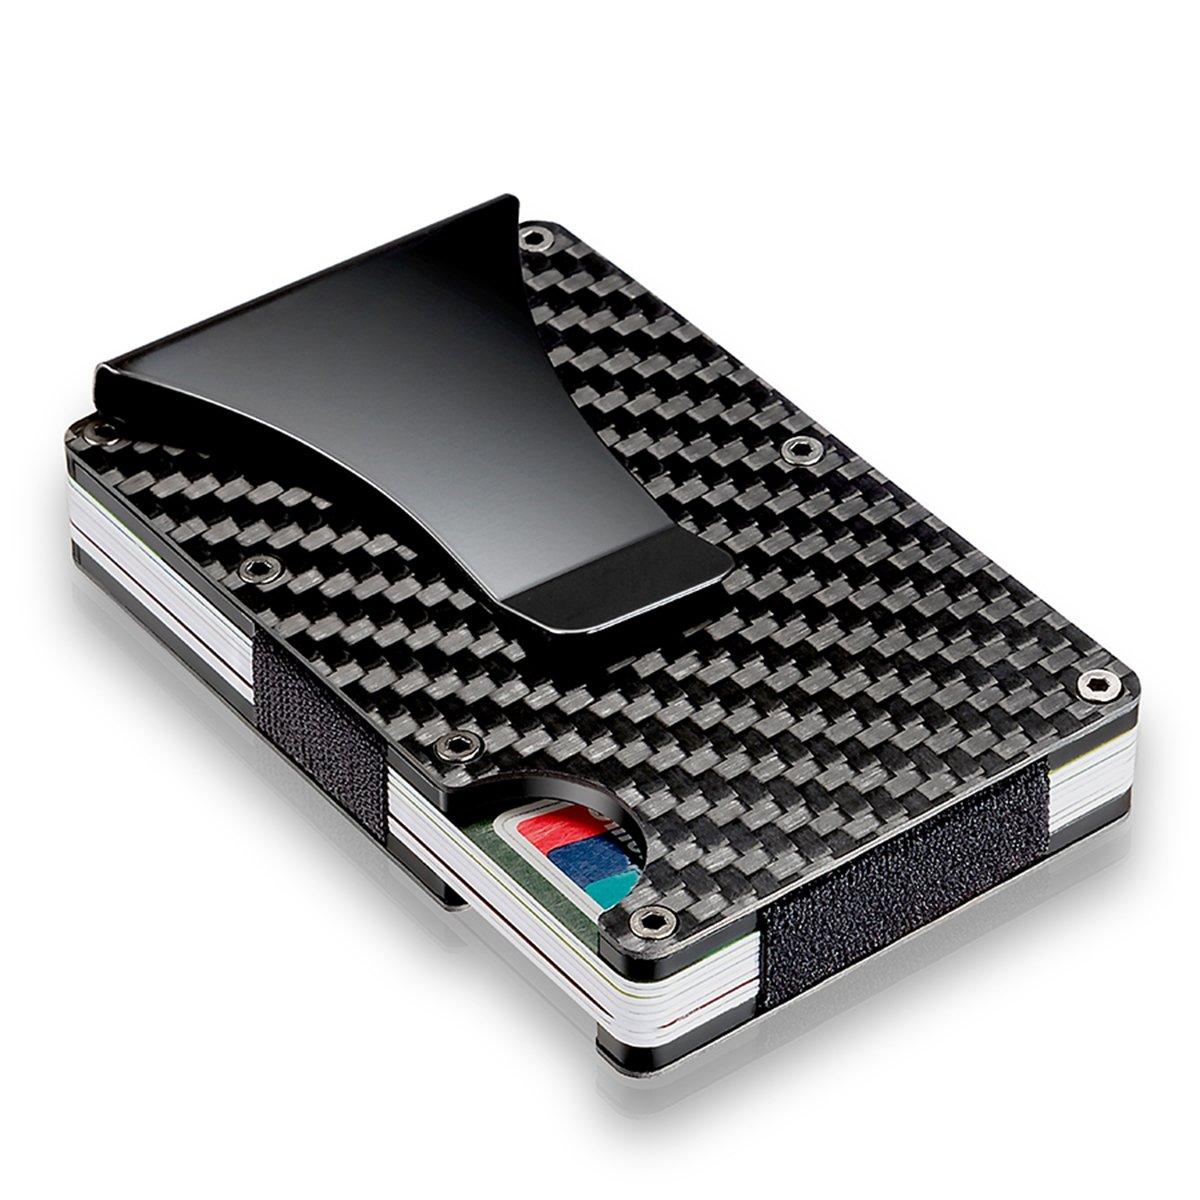 ランフィー スリム炭素繊維クレジットカードホルダー ブロッキング金属ウォレットマネークリップケース B07CWLLMR6